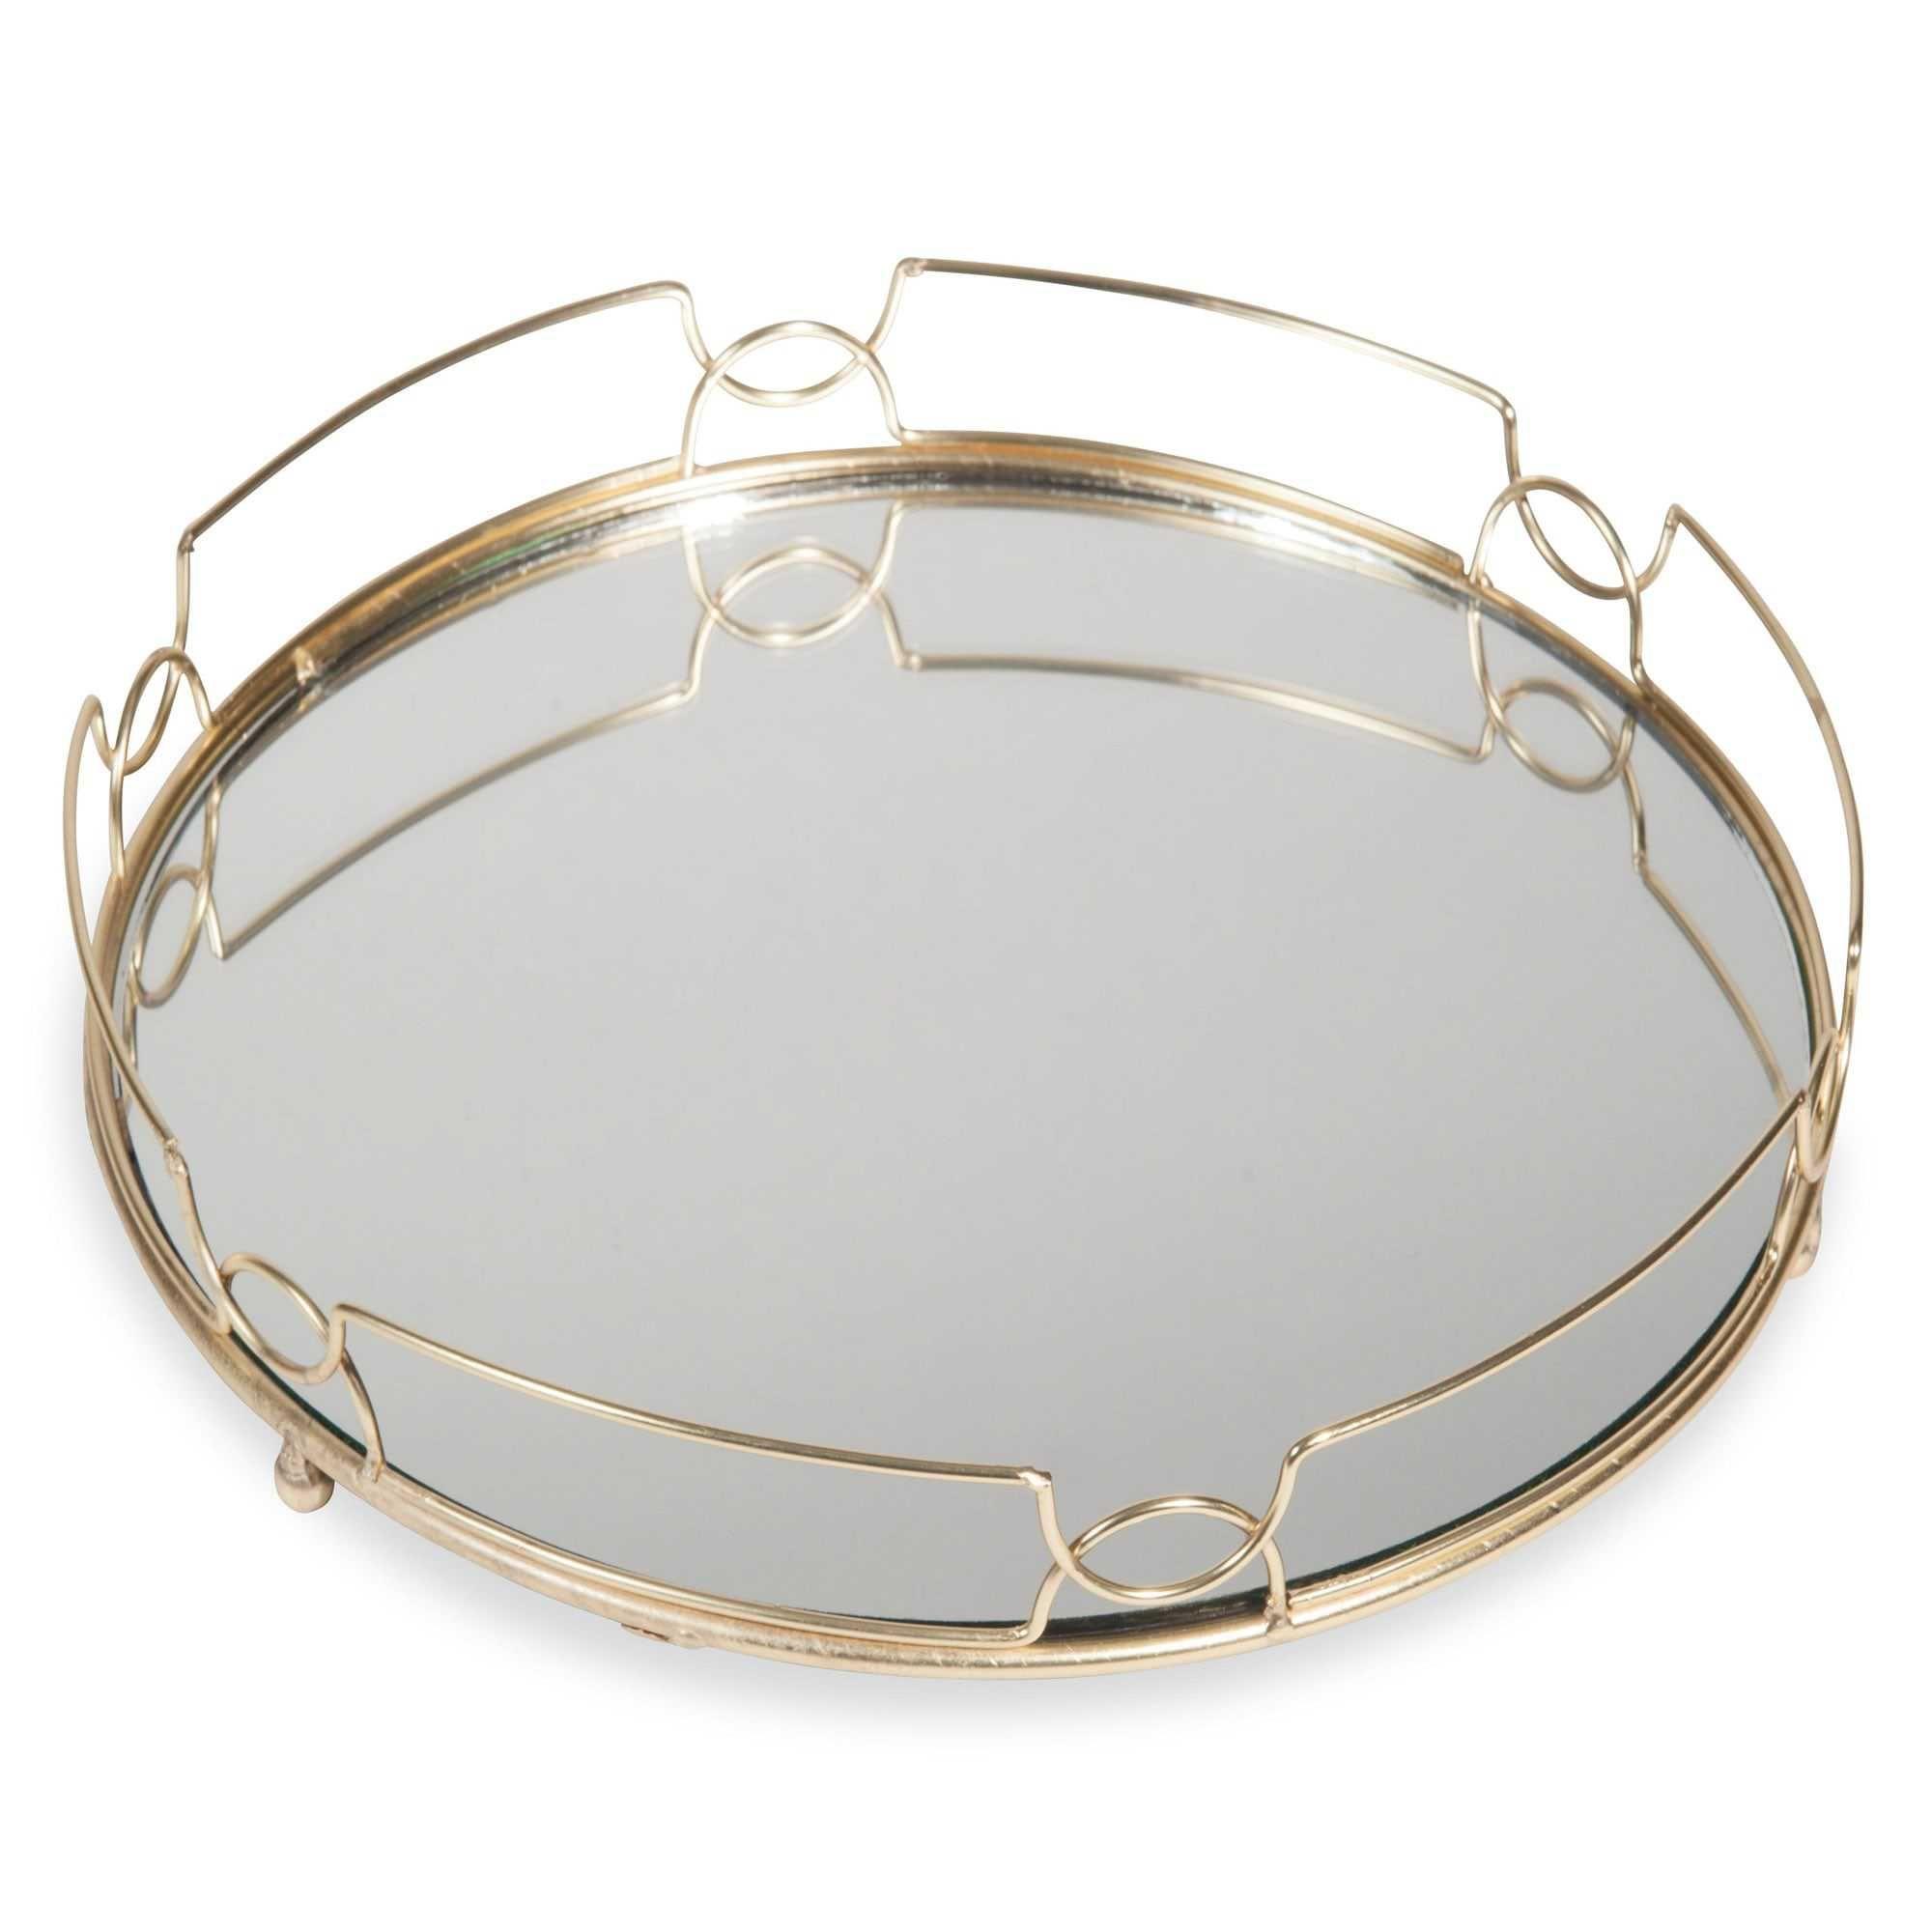 plateau en m tal dor et miroir l gance classic chic pinterest plateau l gance et miroirs. Black Bedroom Furniture Sets. Home Design Ideas